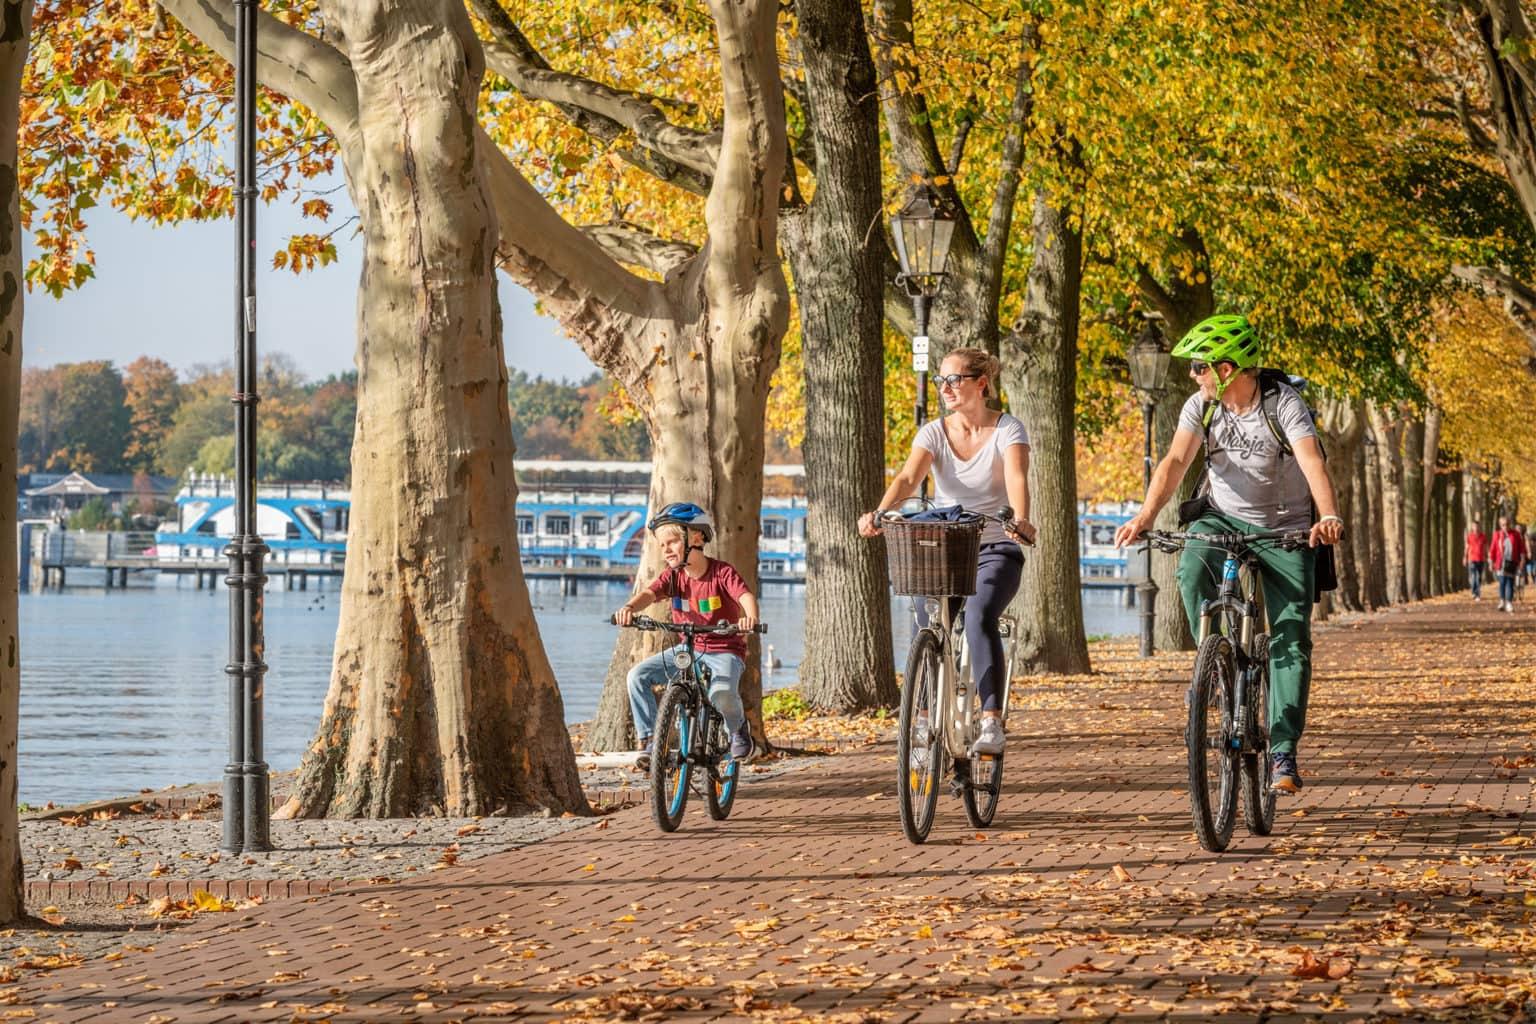 Een familie fietst lekker op de Greenwichpromenade aan de Tegeler See in Berlijn